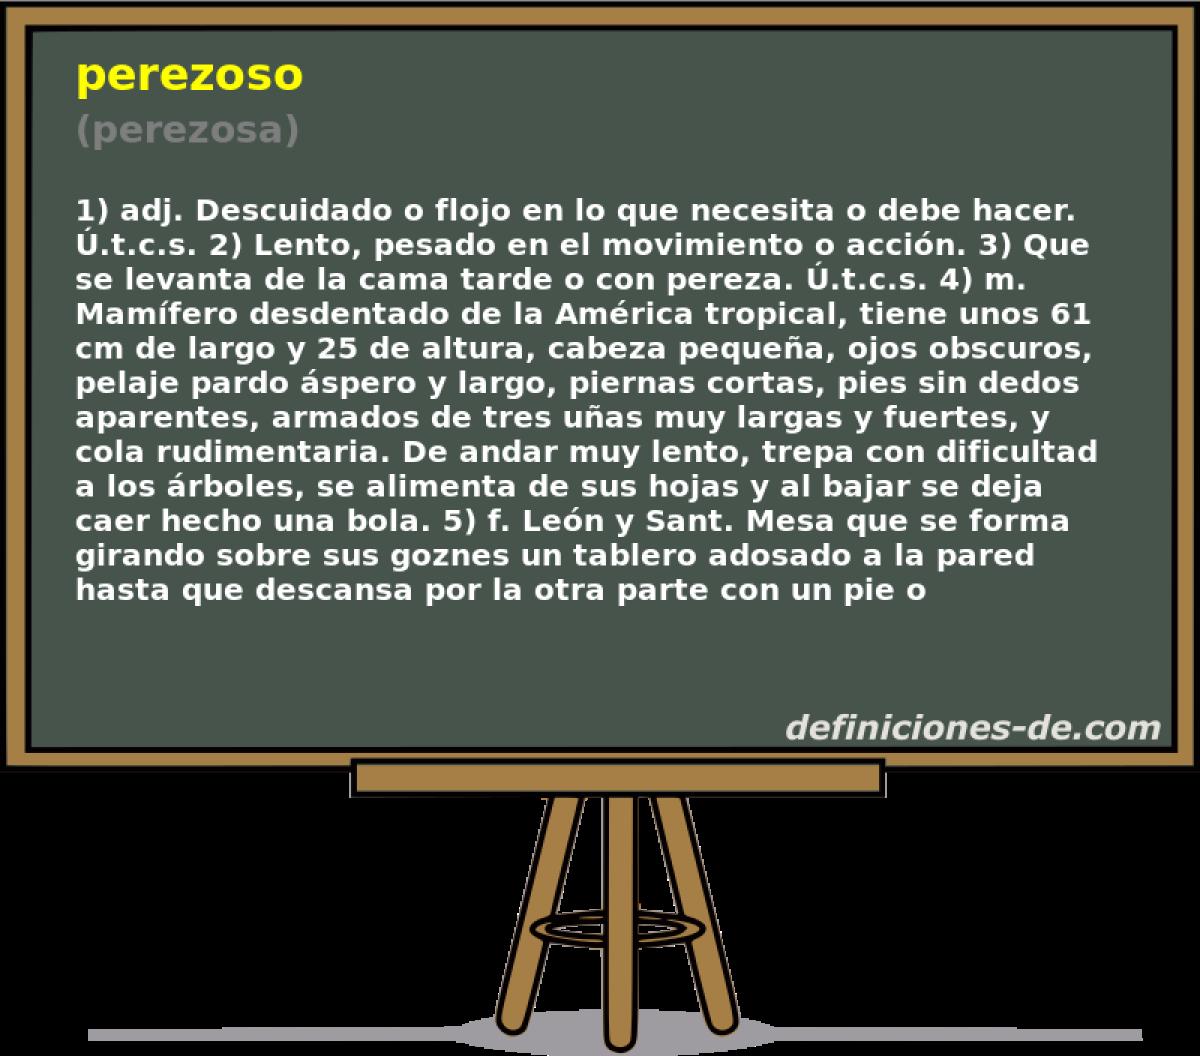 Qué significa Perezoso (perezosa)?